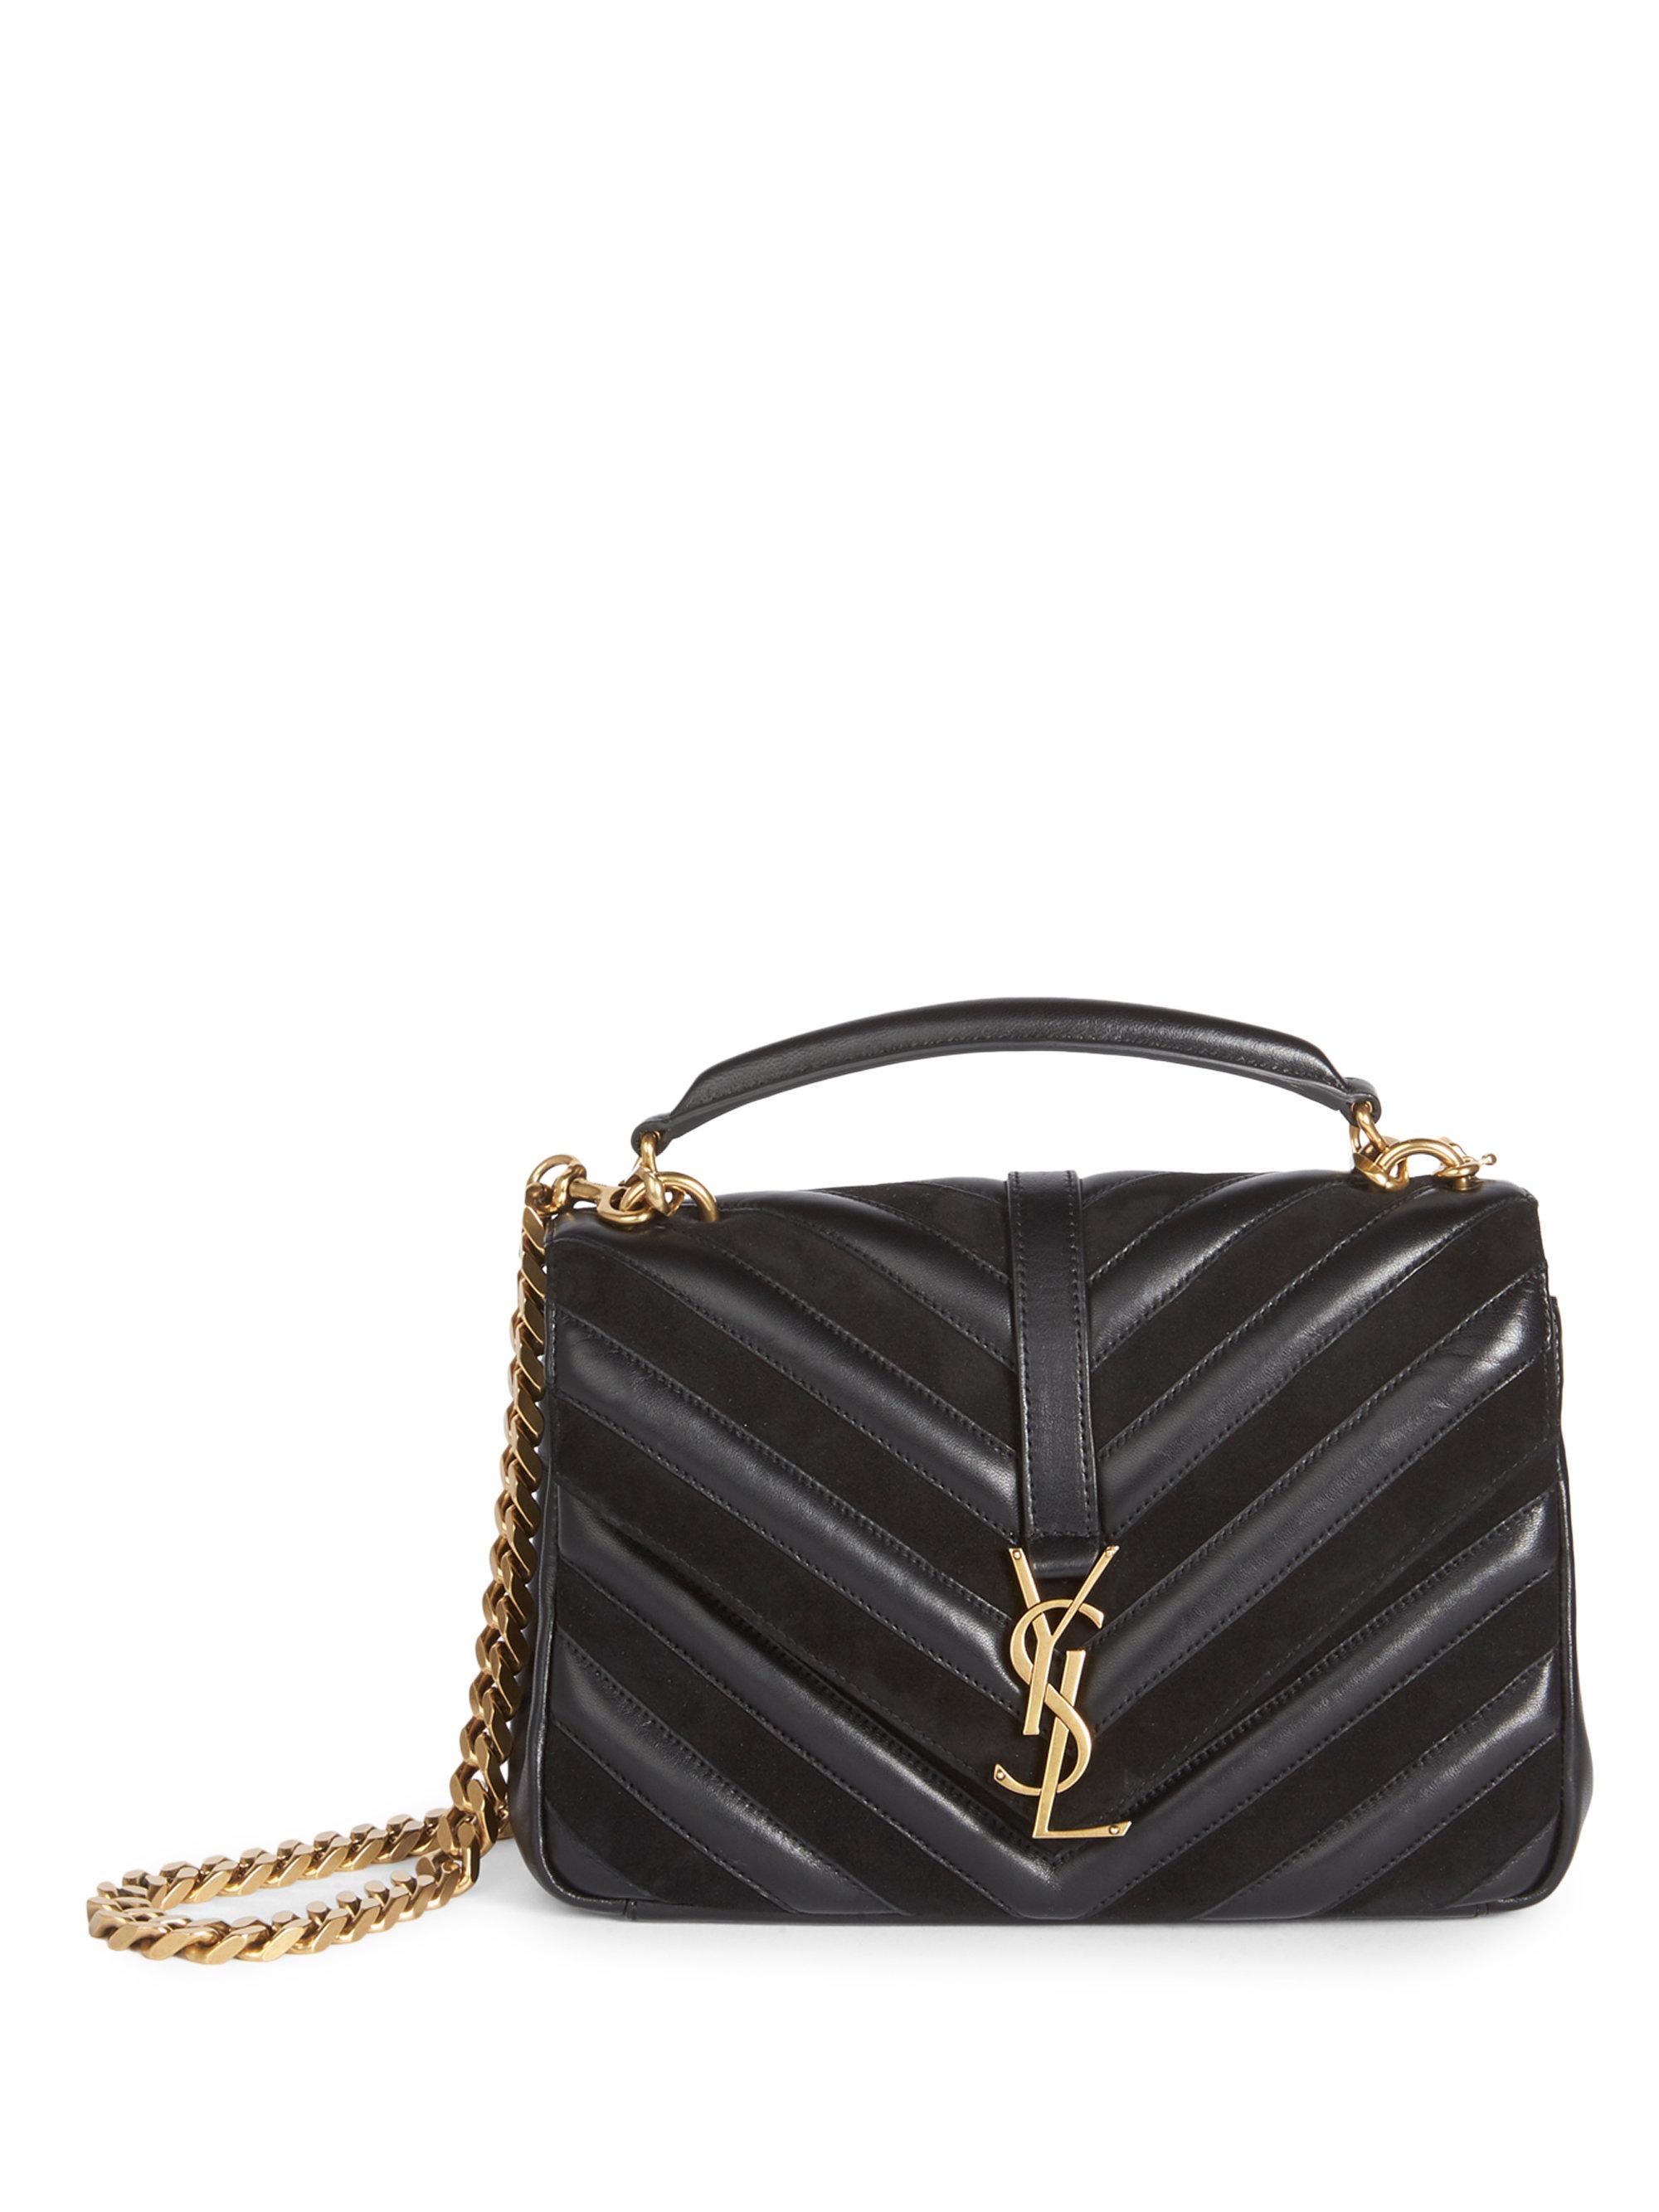 0de7a8beca37 Saint Laurent - Black Medium Monogram College Matelasse Leather   Suede Bag  - Lyst